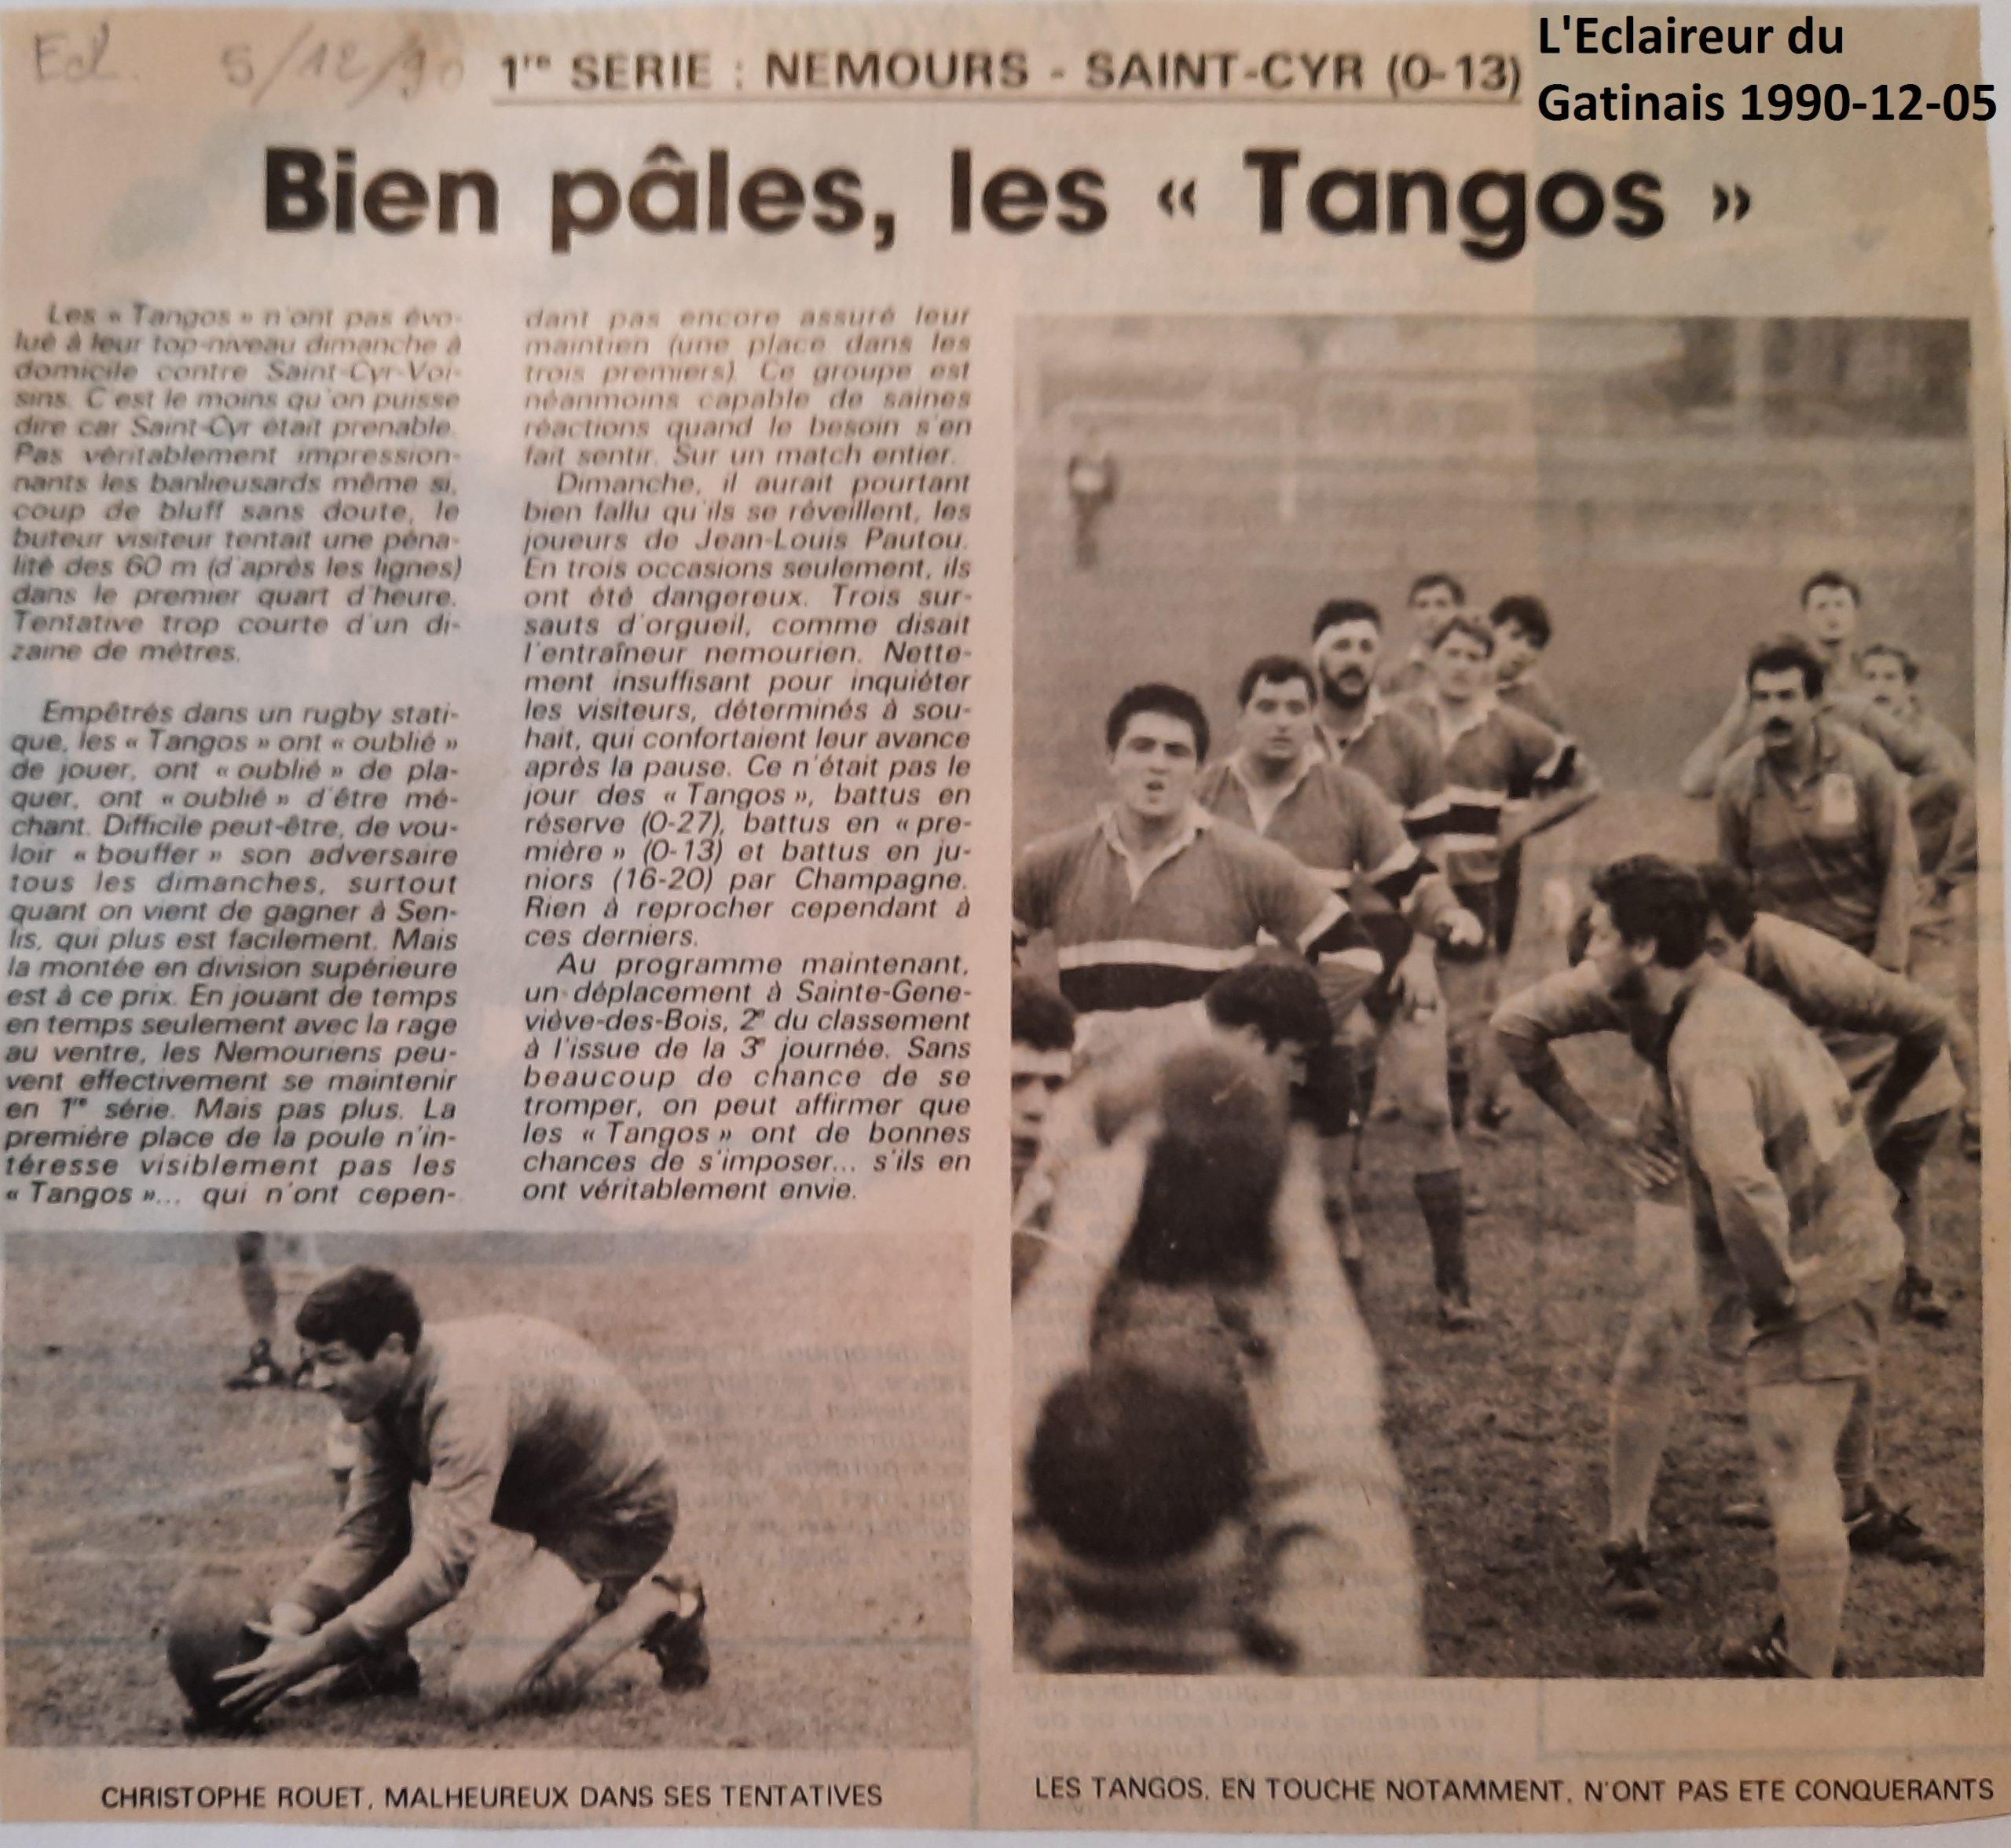 Eclaireur du Gâtinais 1990-12-05